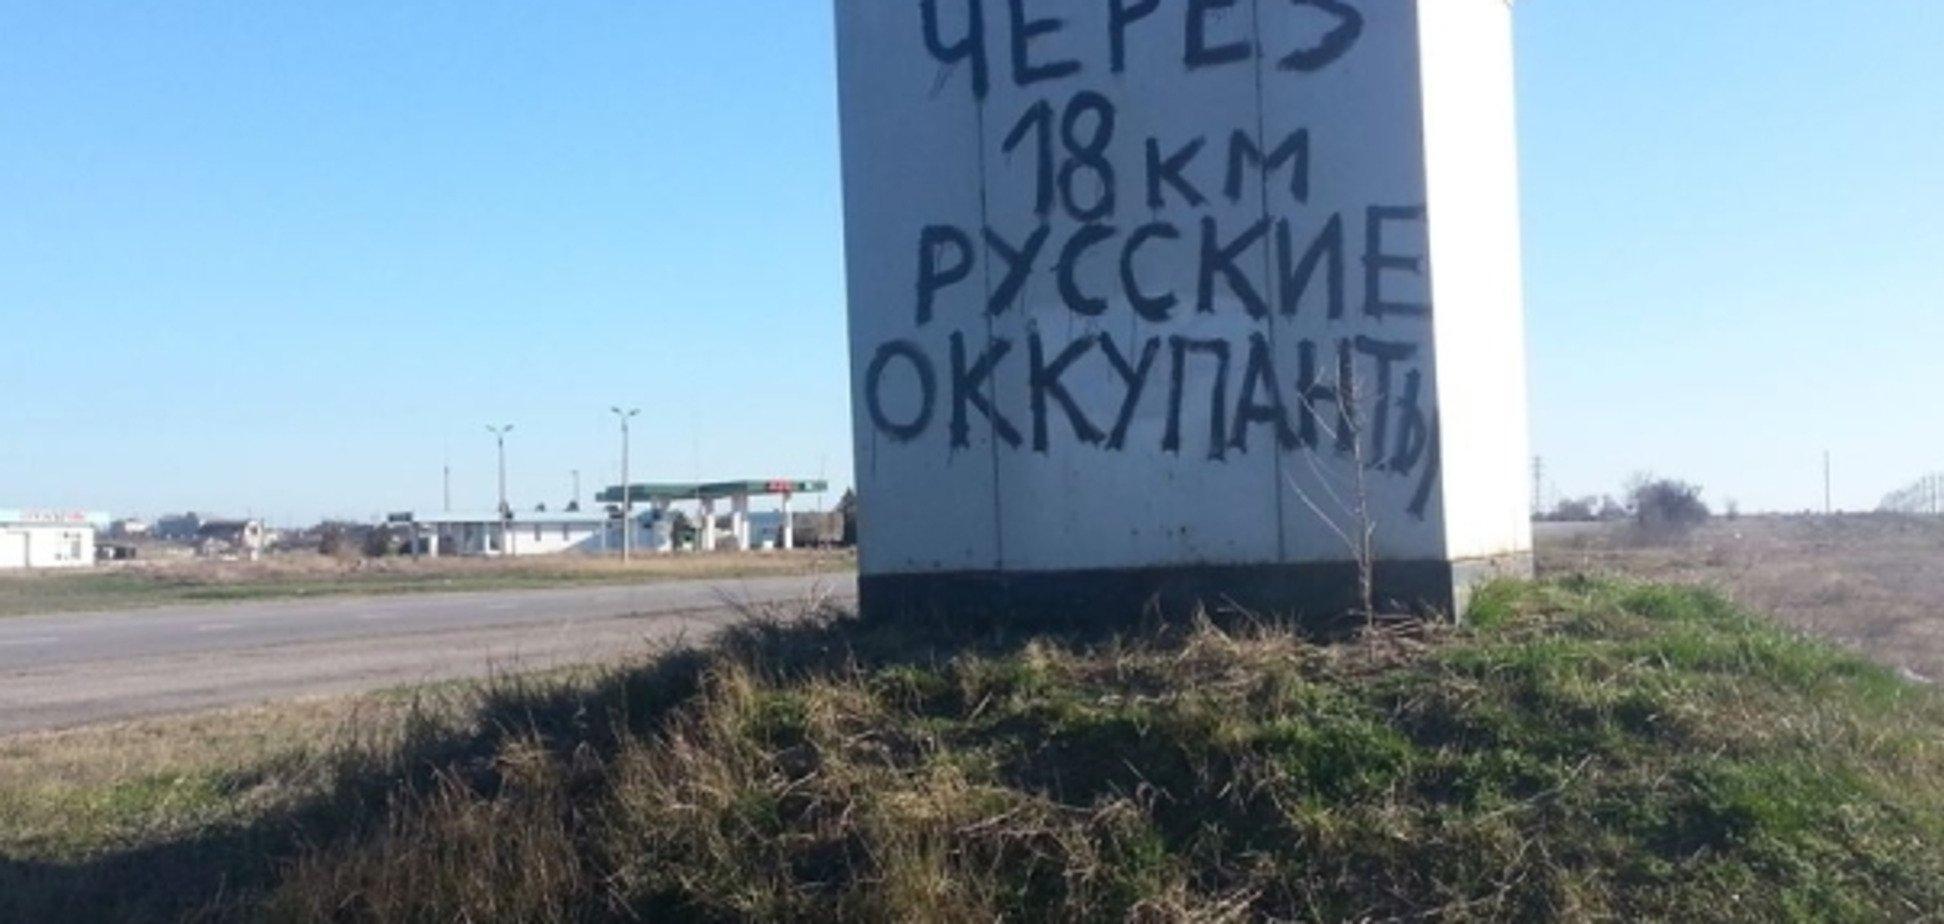 Є сили і засоби: в Генштабі заспокоїли з приводу загрози вторгнення з Криму